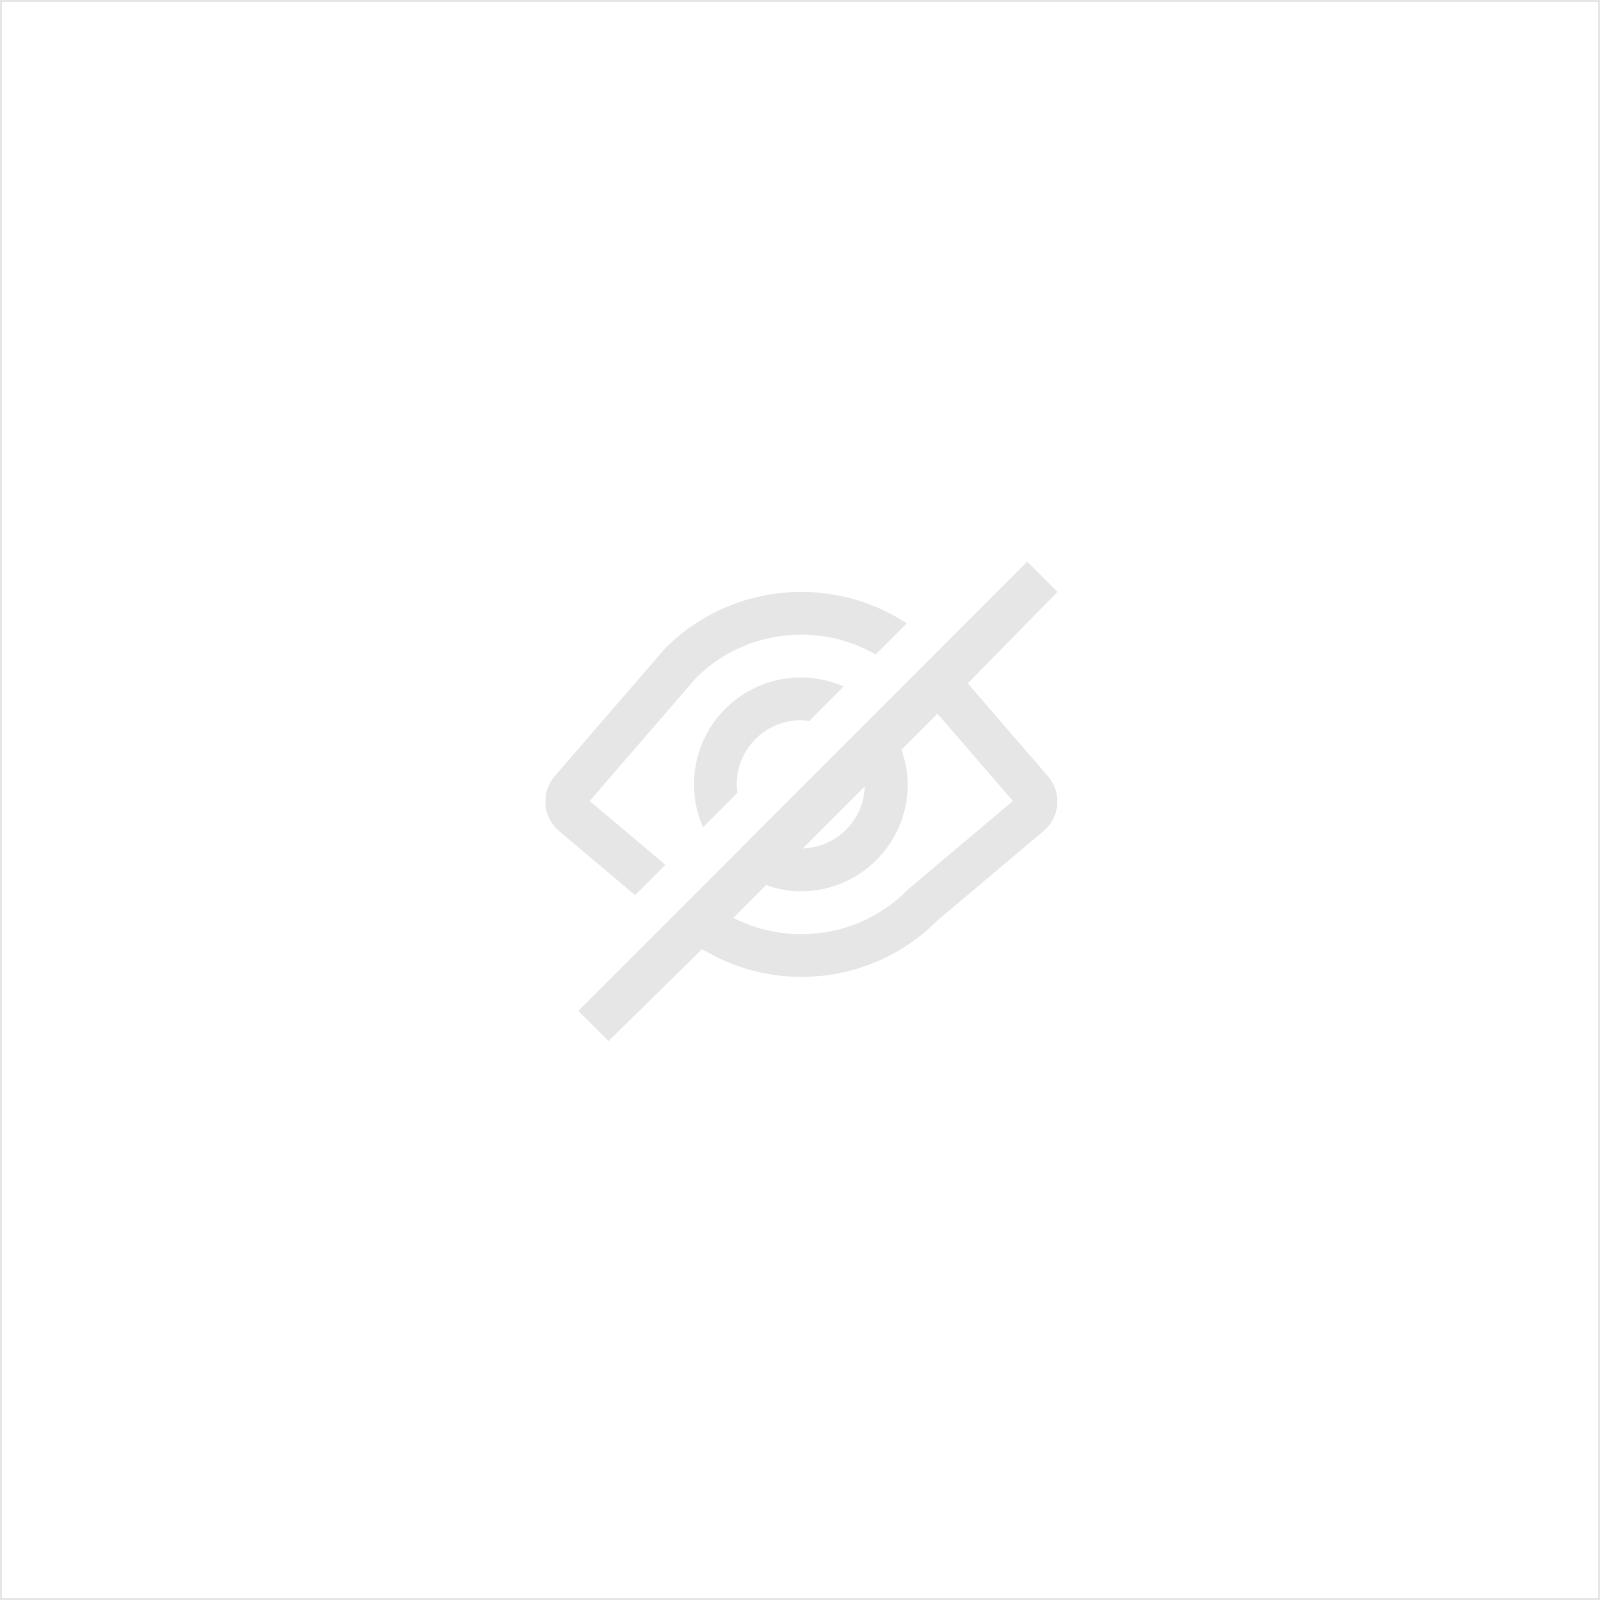 GRANDE ARMOIRE D'ATELIER AVEC UNE PORTE ET 4 TABLETTES - HD CONSTRUCTION INDUSTRIE